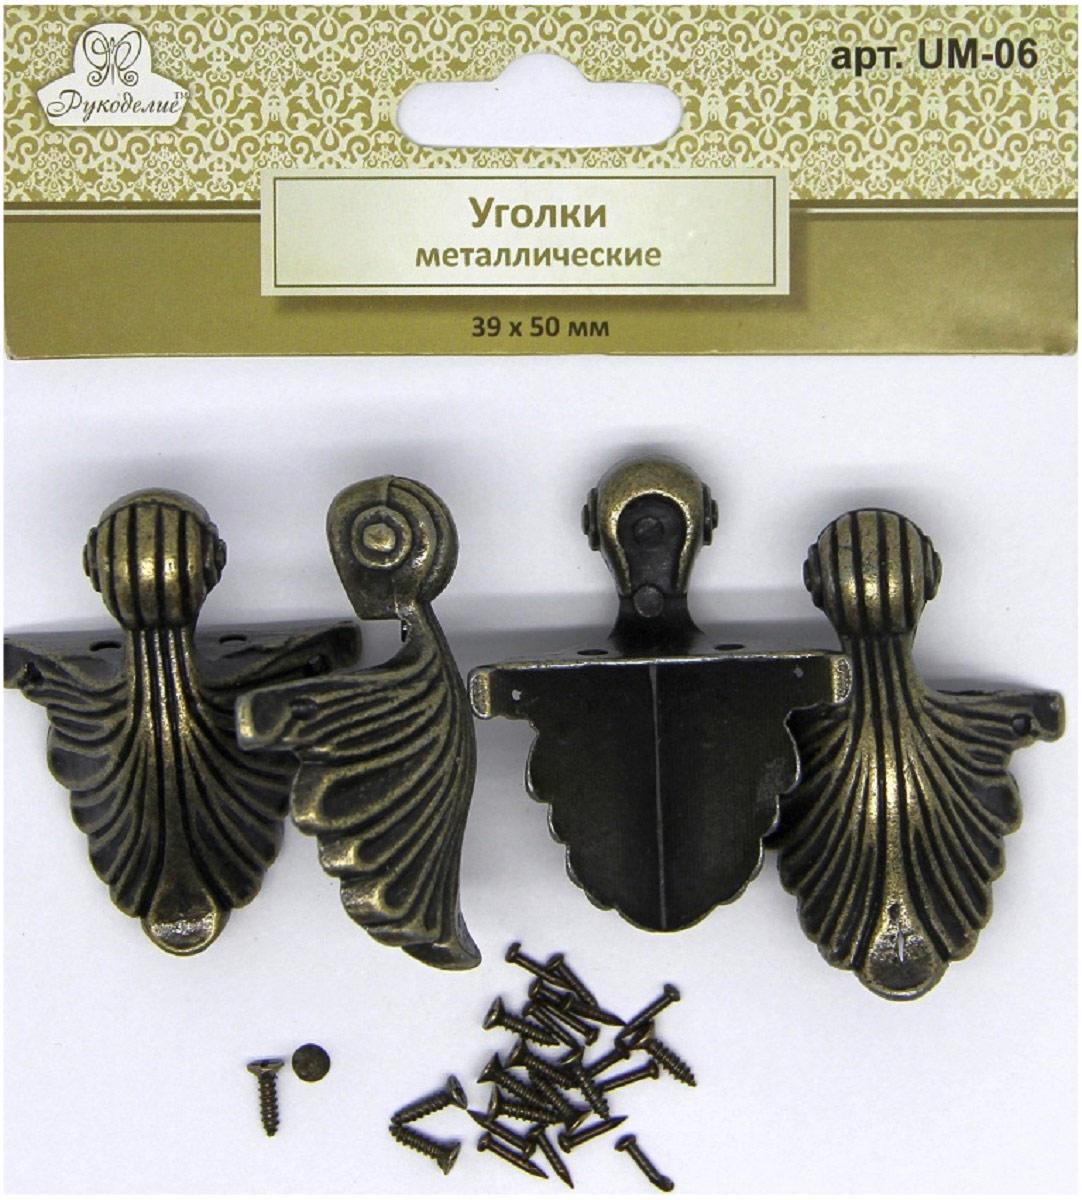 Уголки металлические для скрапбукинга Рукоделие, 3,9 х 5 см, 4 шт уголки металлические для скрапбукинга рукоделие 2 2 х 2 2 х 2 2 см 4 шт